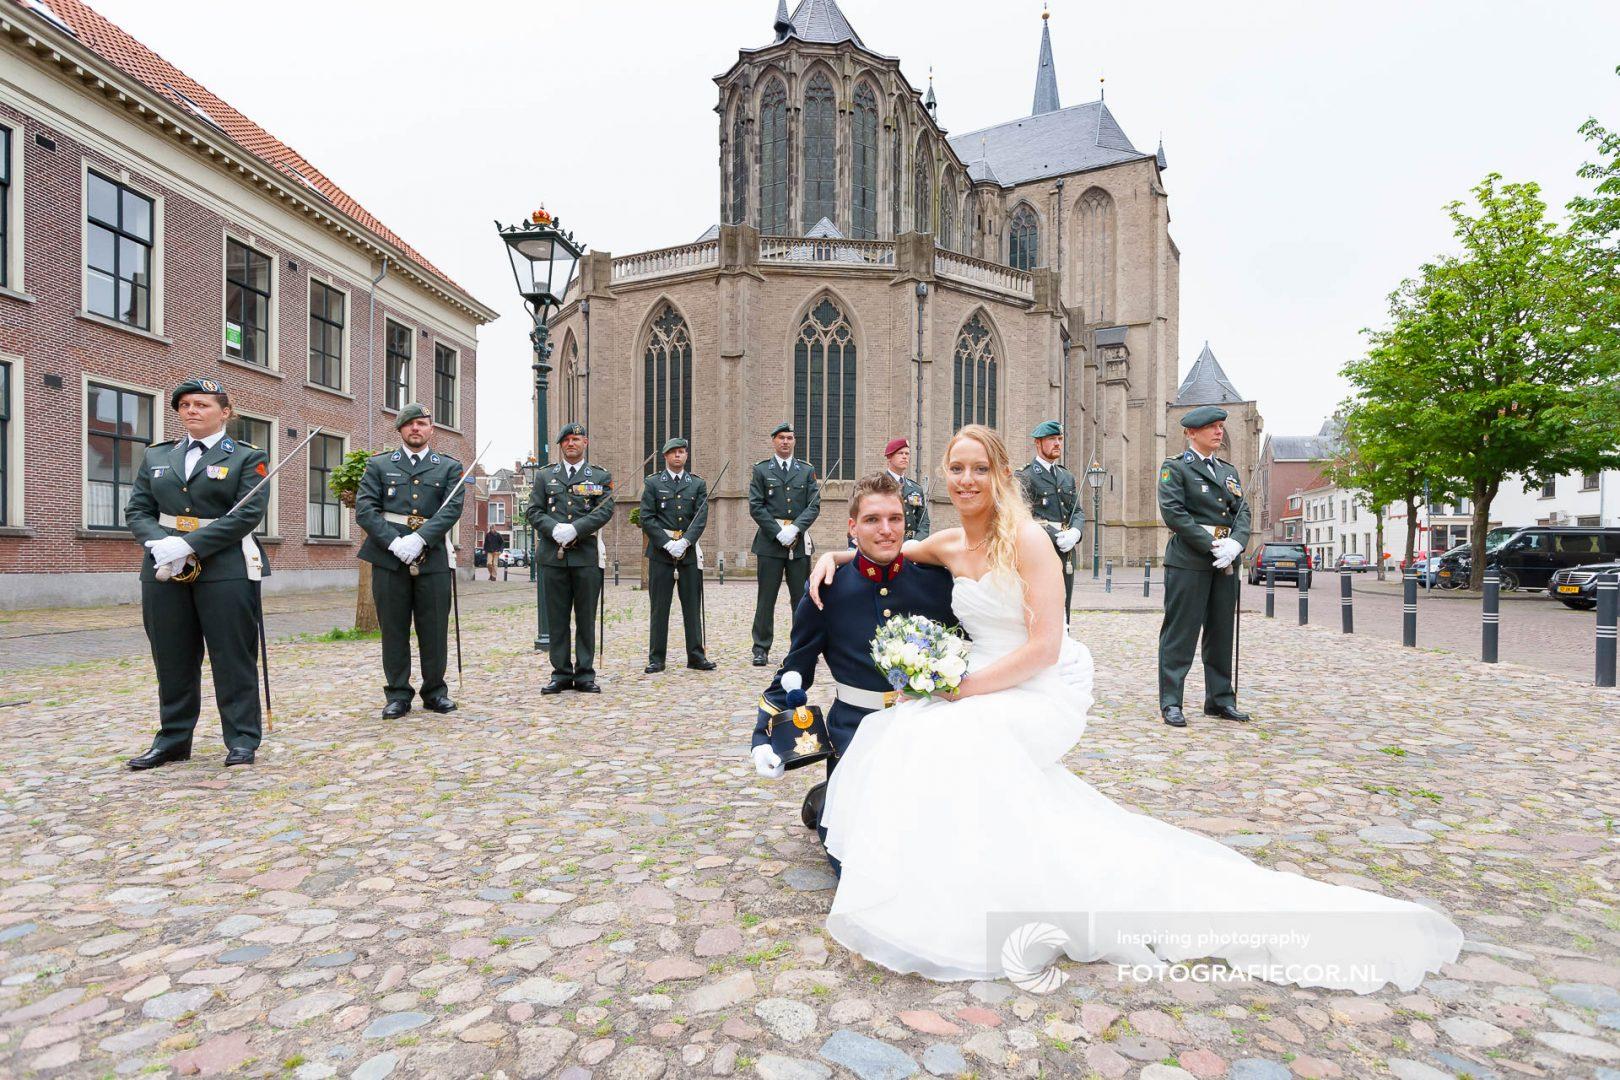 trouwfoto |Bovenkerk | trouwreportage | huwelijk | fotograaf | foto | locatie | Trouwen